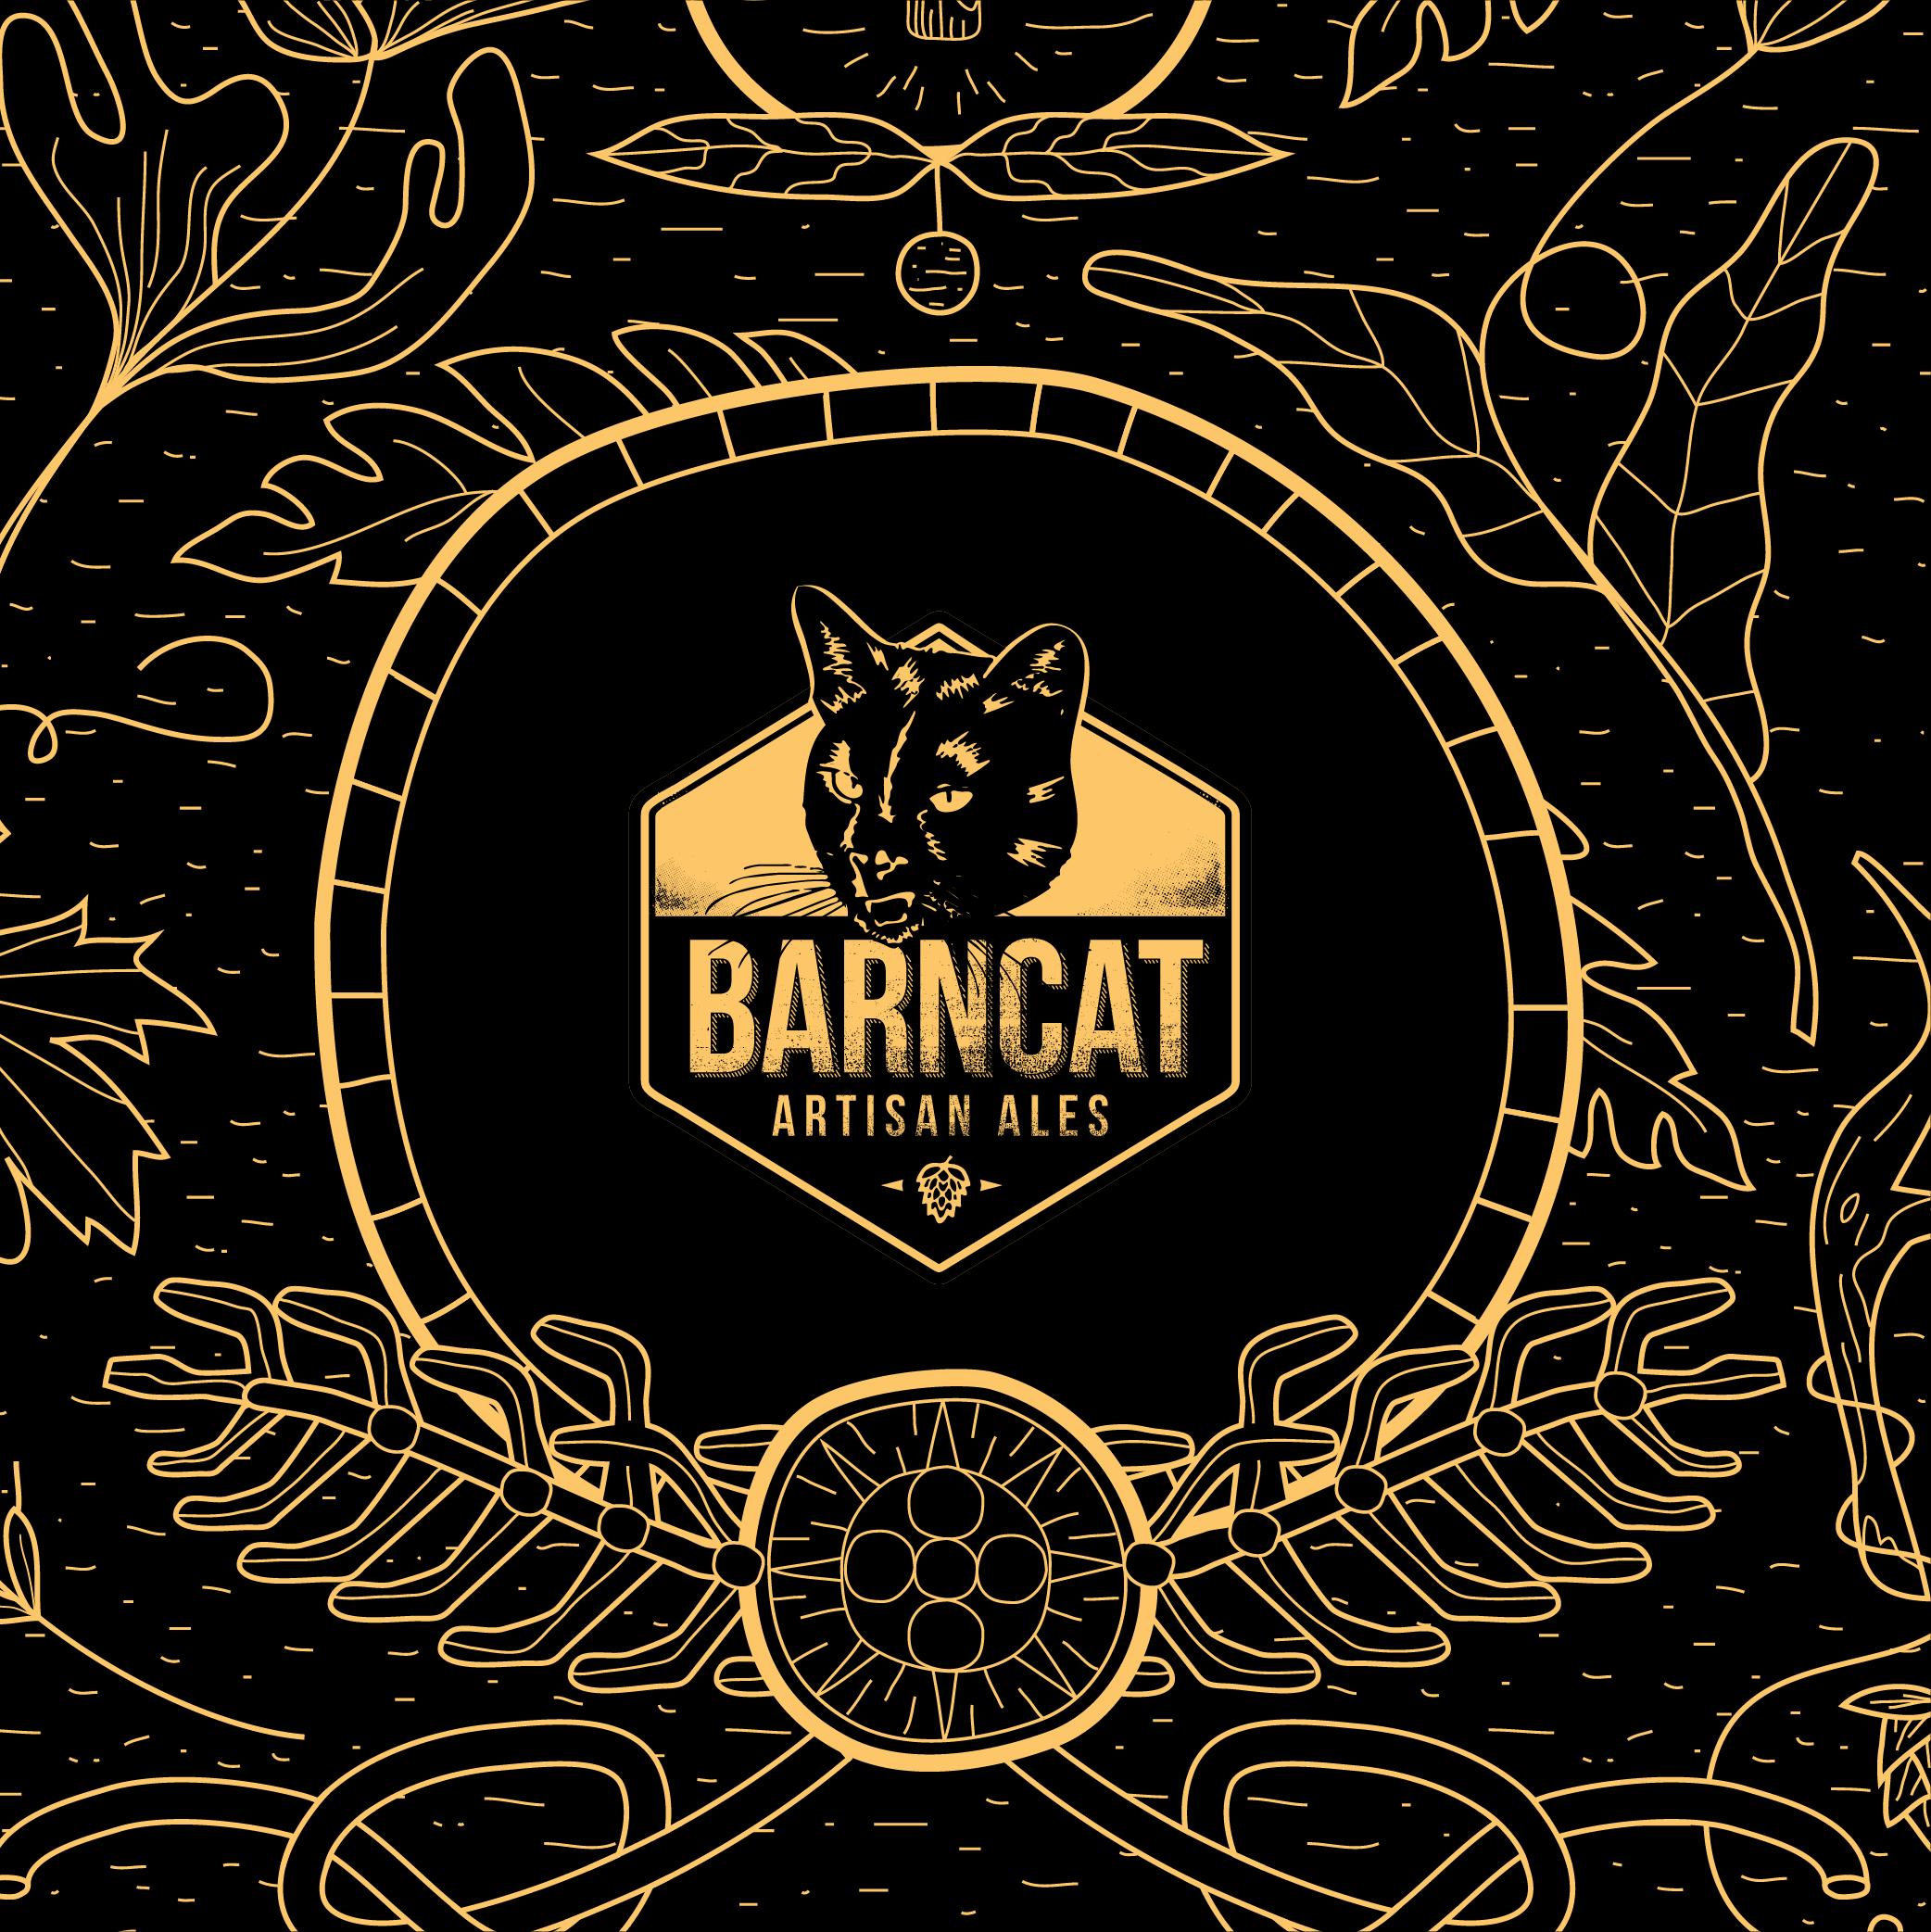 Birreria Volo - Barncat-05.png